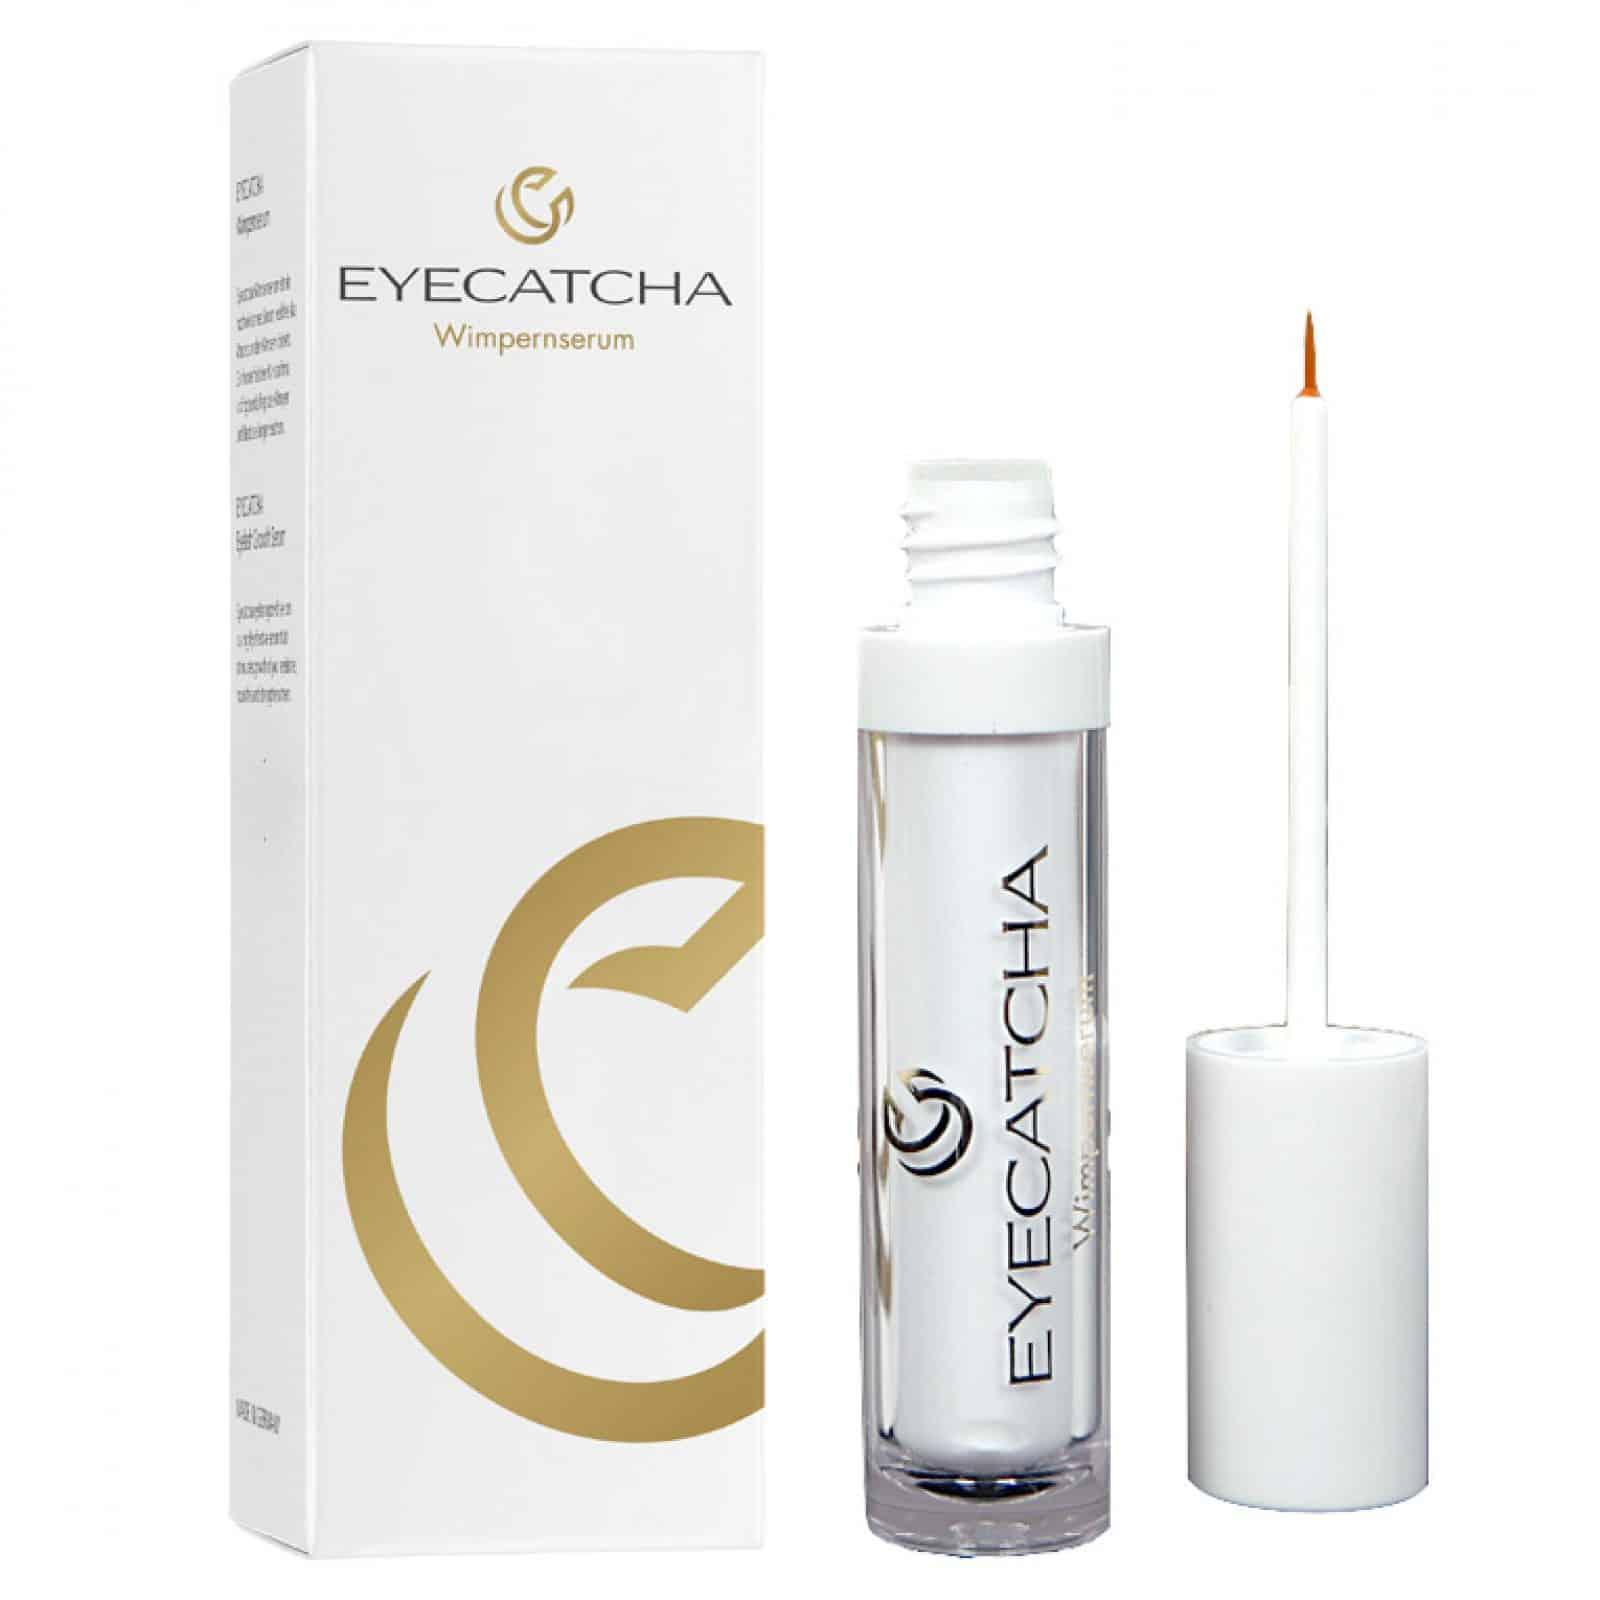 Eyecatcha Test-sieger